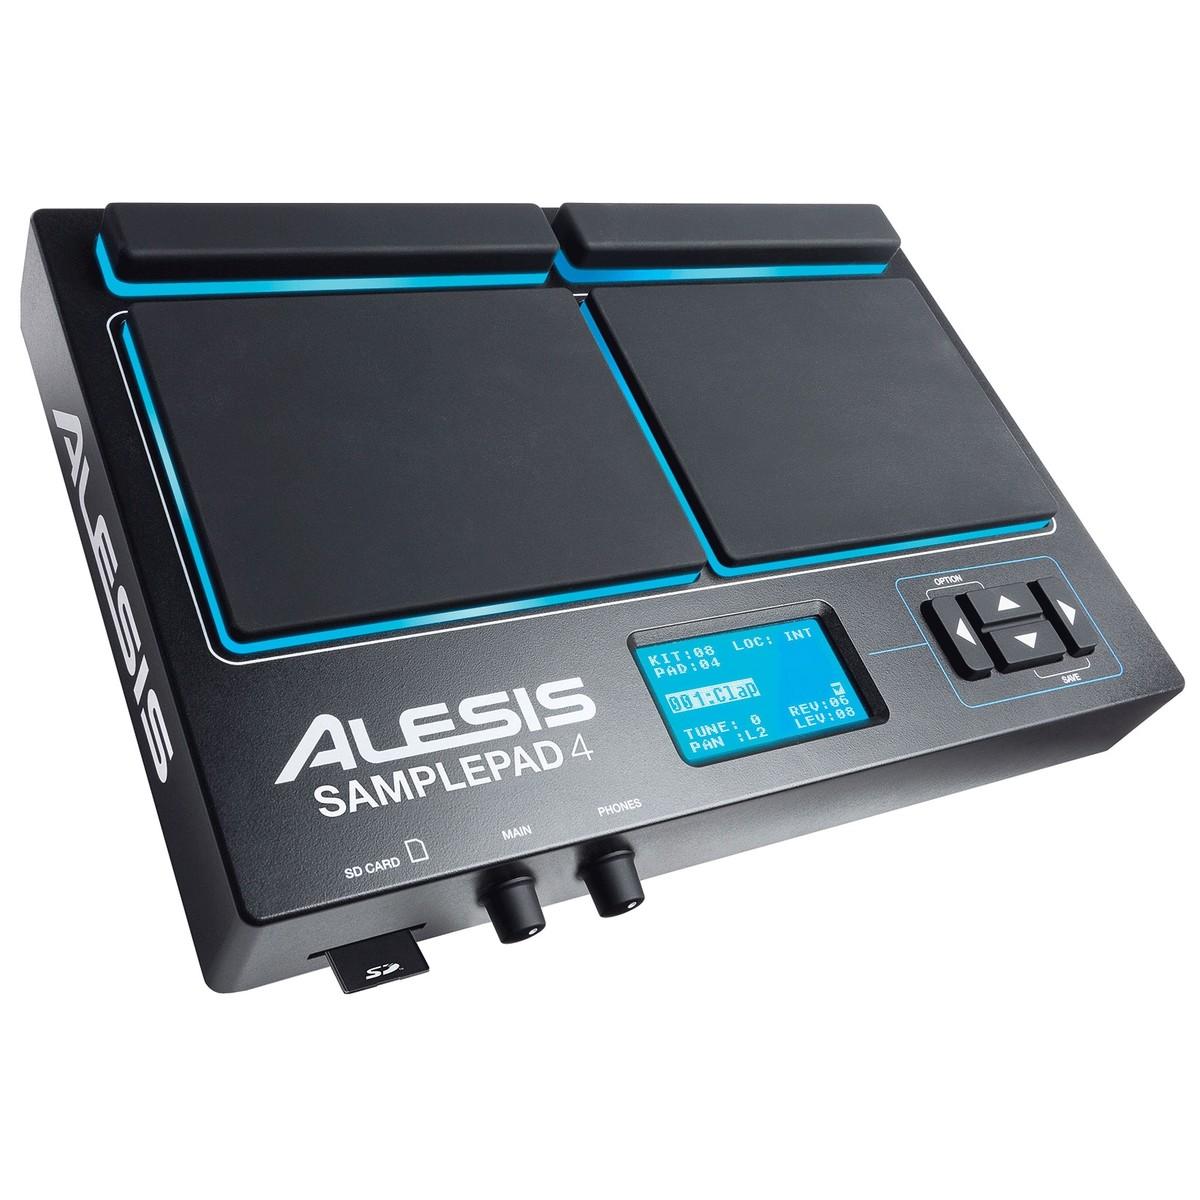 Image of Alesis SamplePad 4